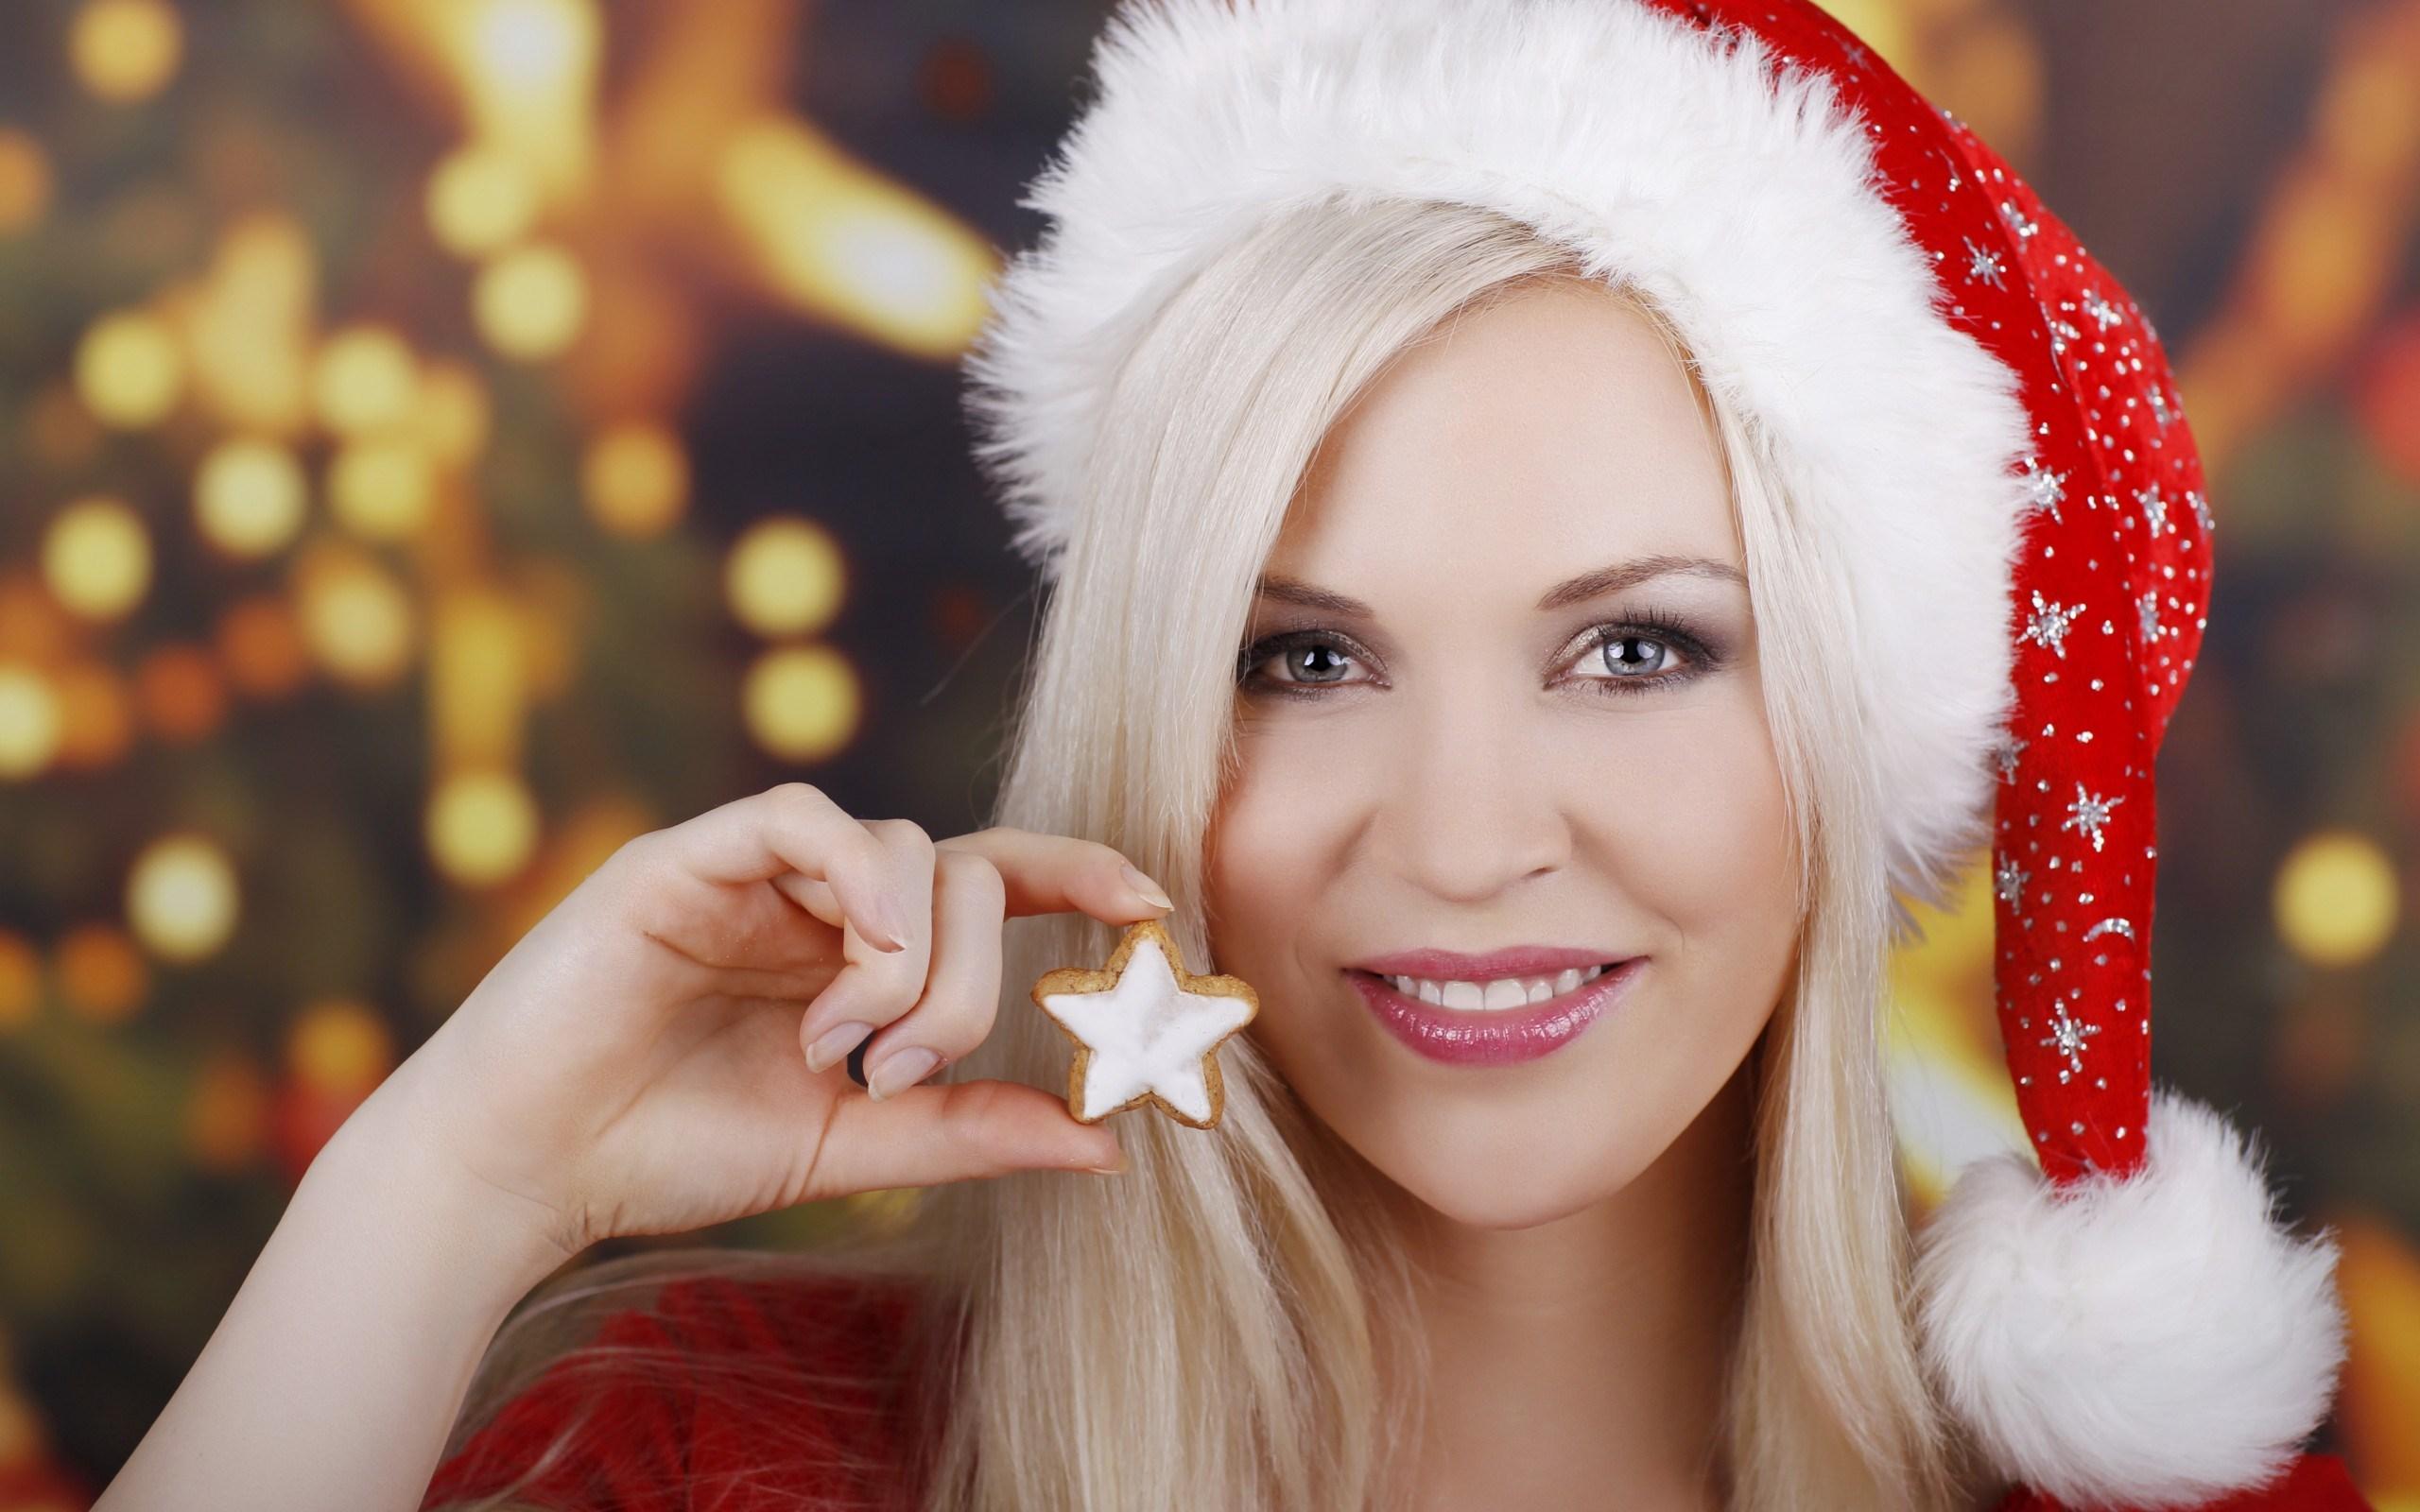 maedchen-weihnachten-bilder-belluci